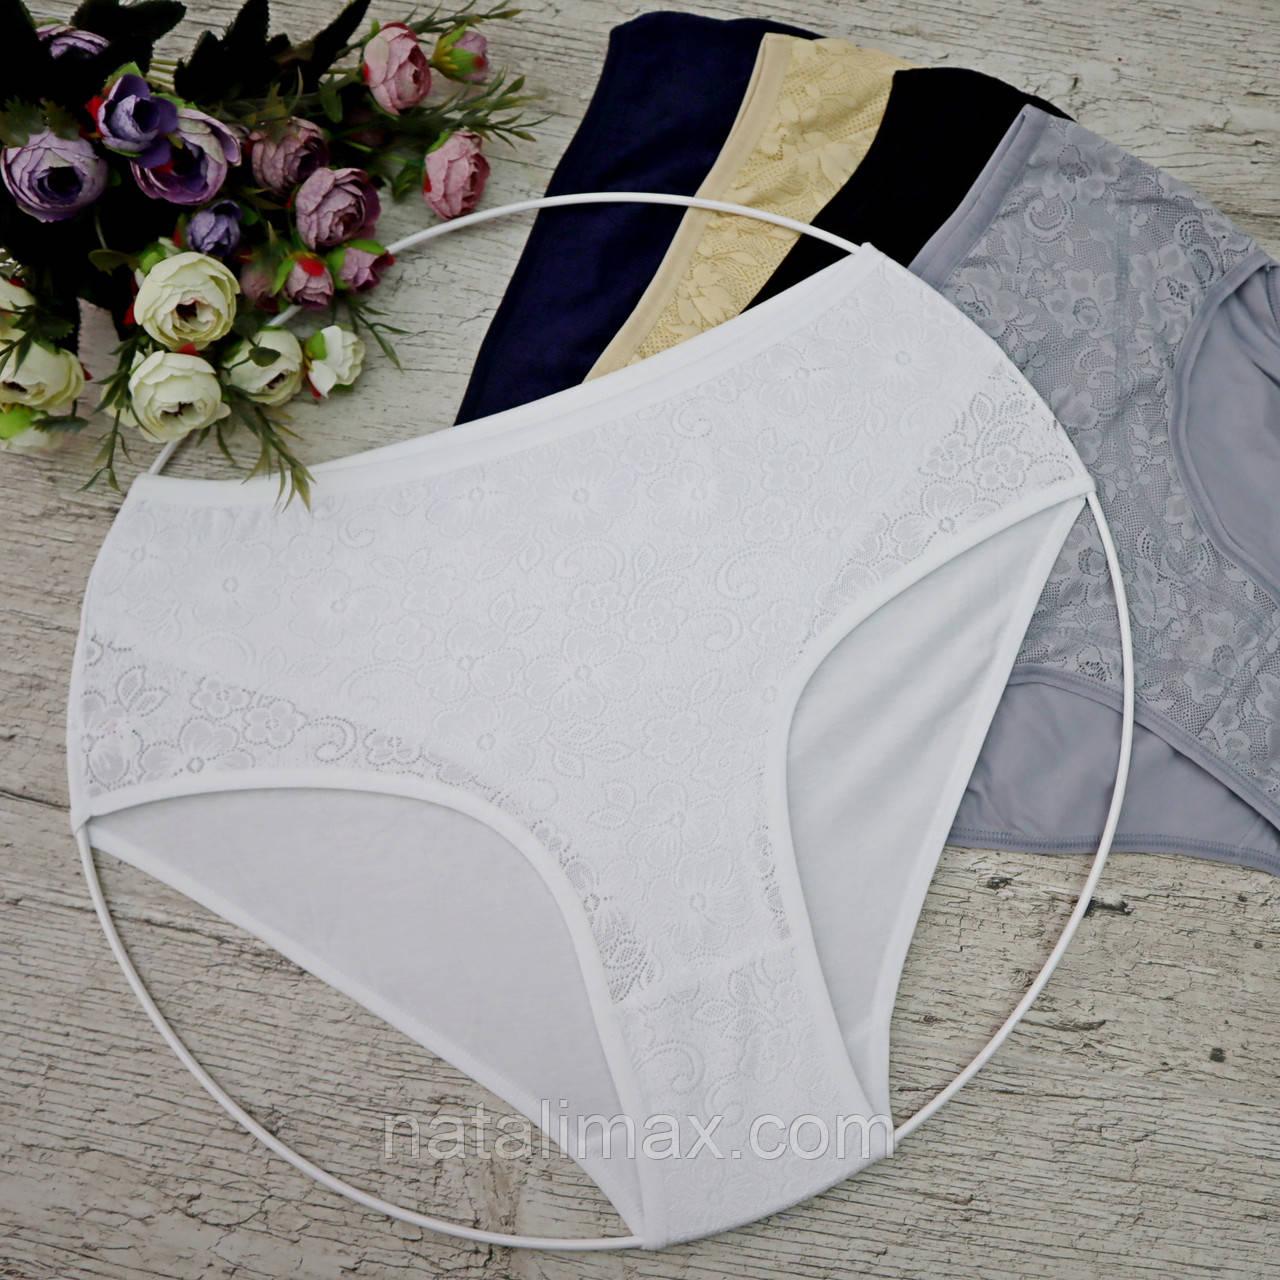 Женское белье 52 размер женское белье на мужчинах фото и видео